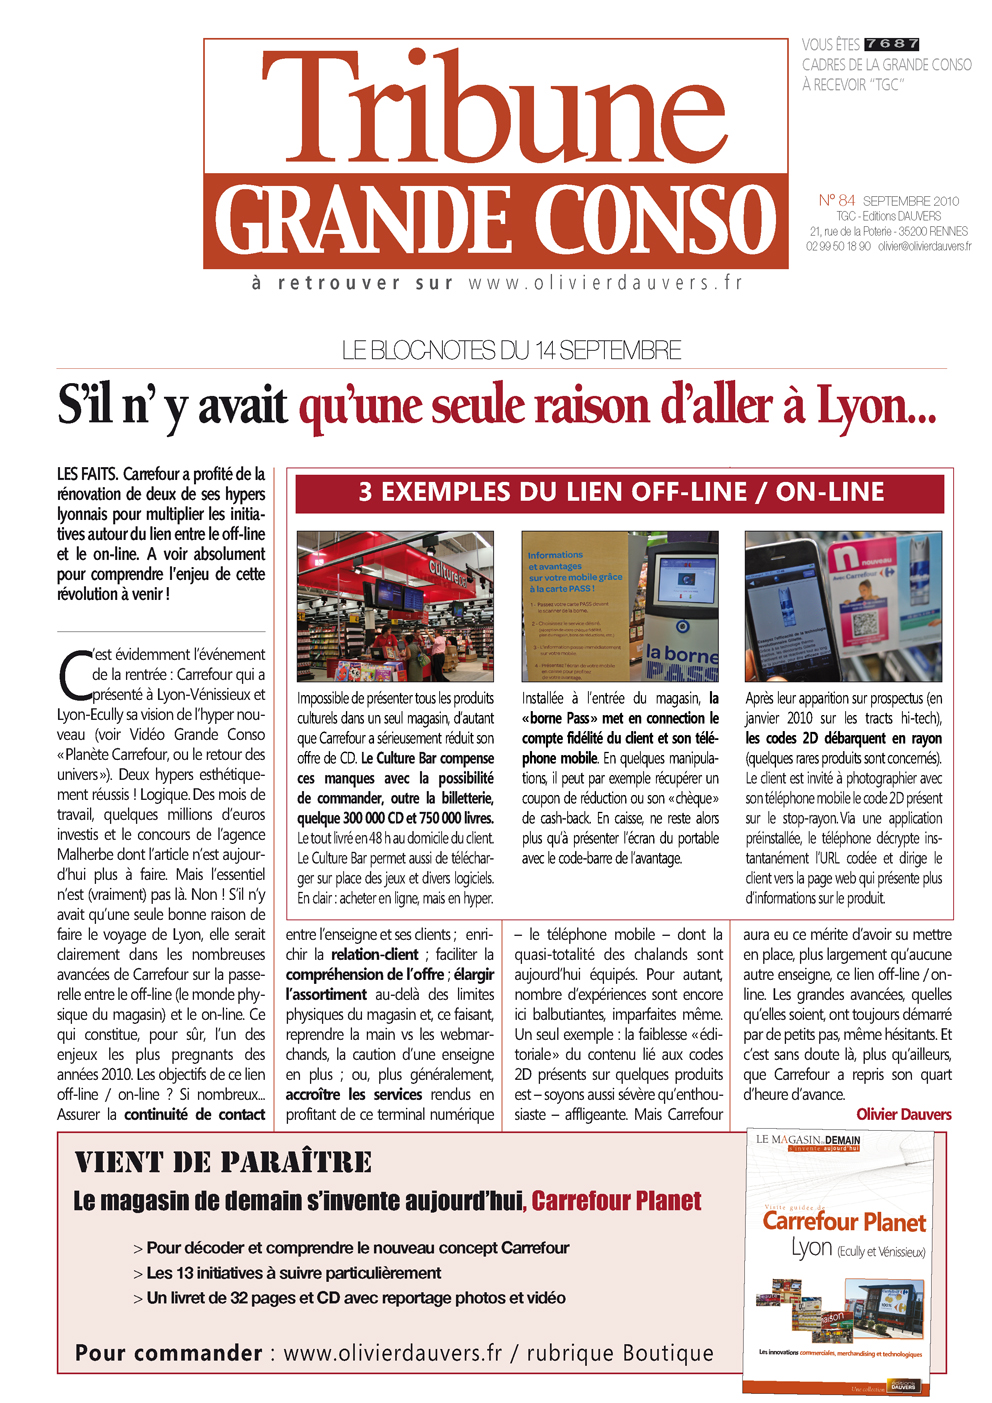 Carrefour Planet : s'il n' y avait qu'une seule raison d'aller à Lyon…